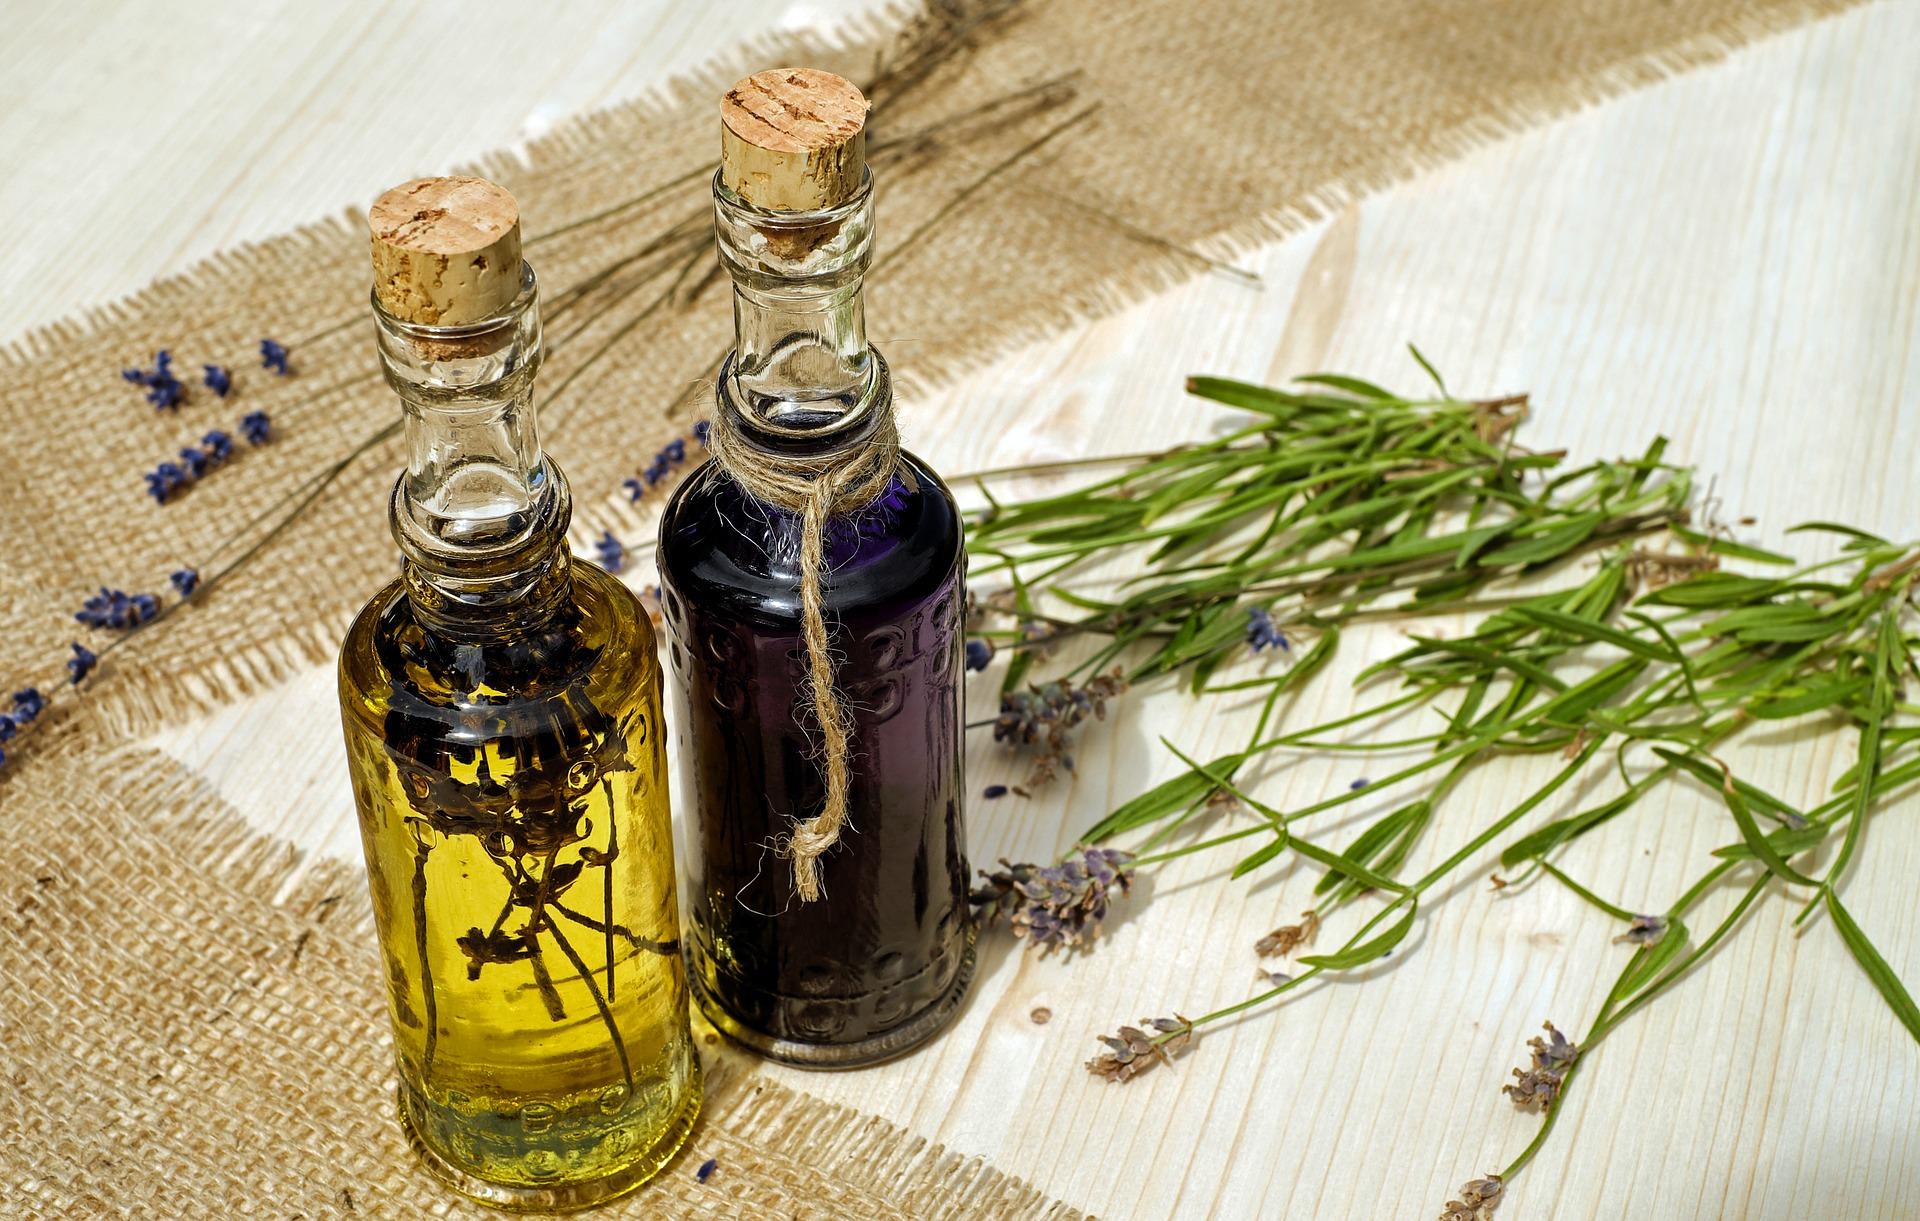 ulei esential de lavanda - sfatulparintilor.ro - pixabay_com - bath-oil-2510793_1920